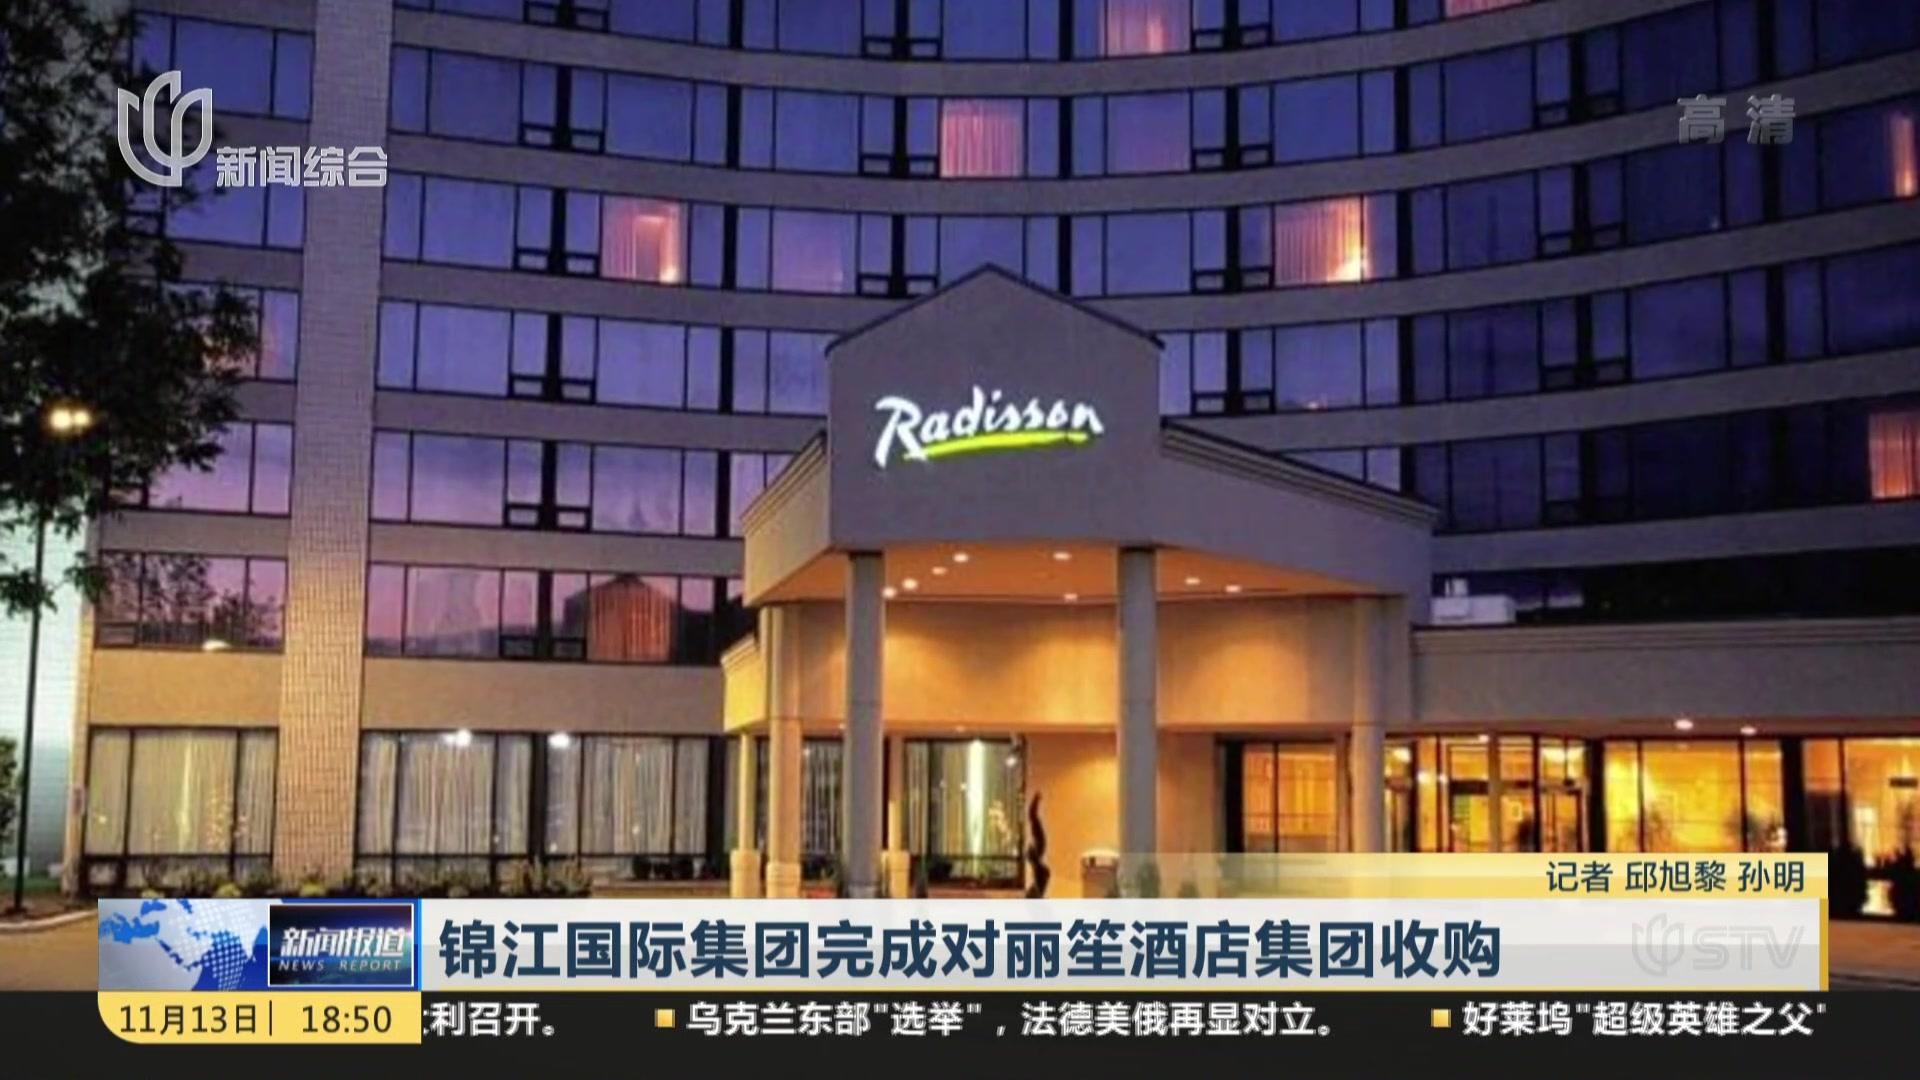 锦江国际集团完成对丽笙酒店集团收购